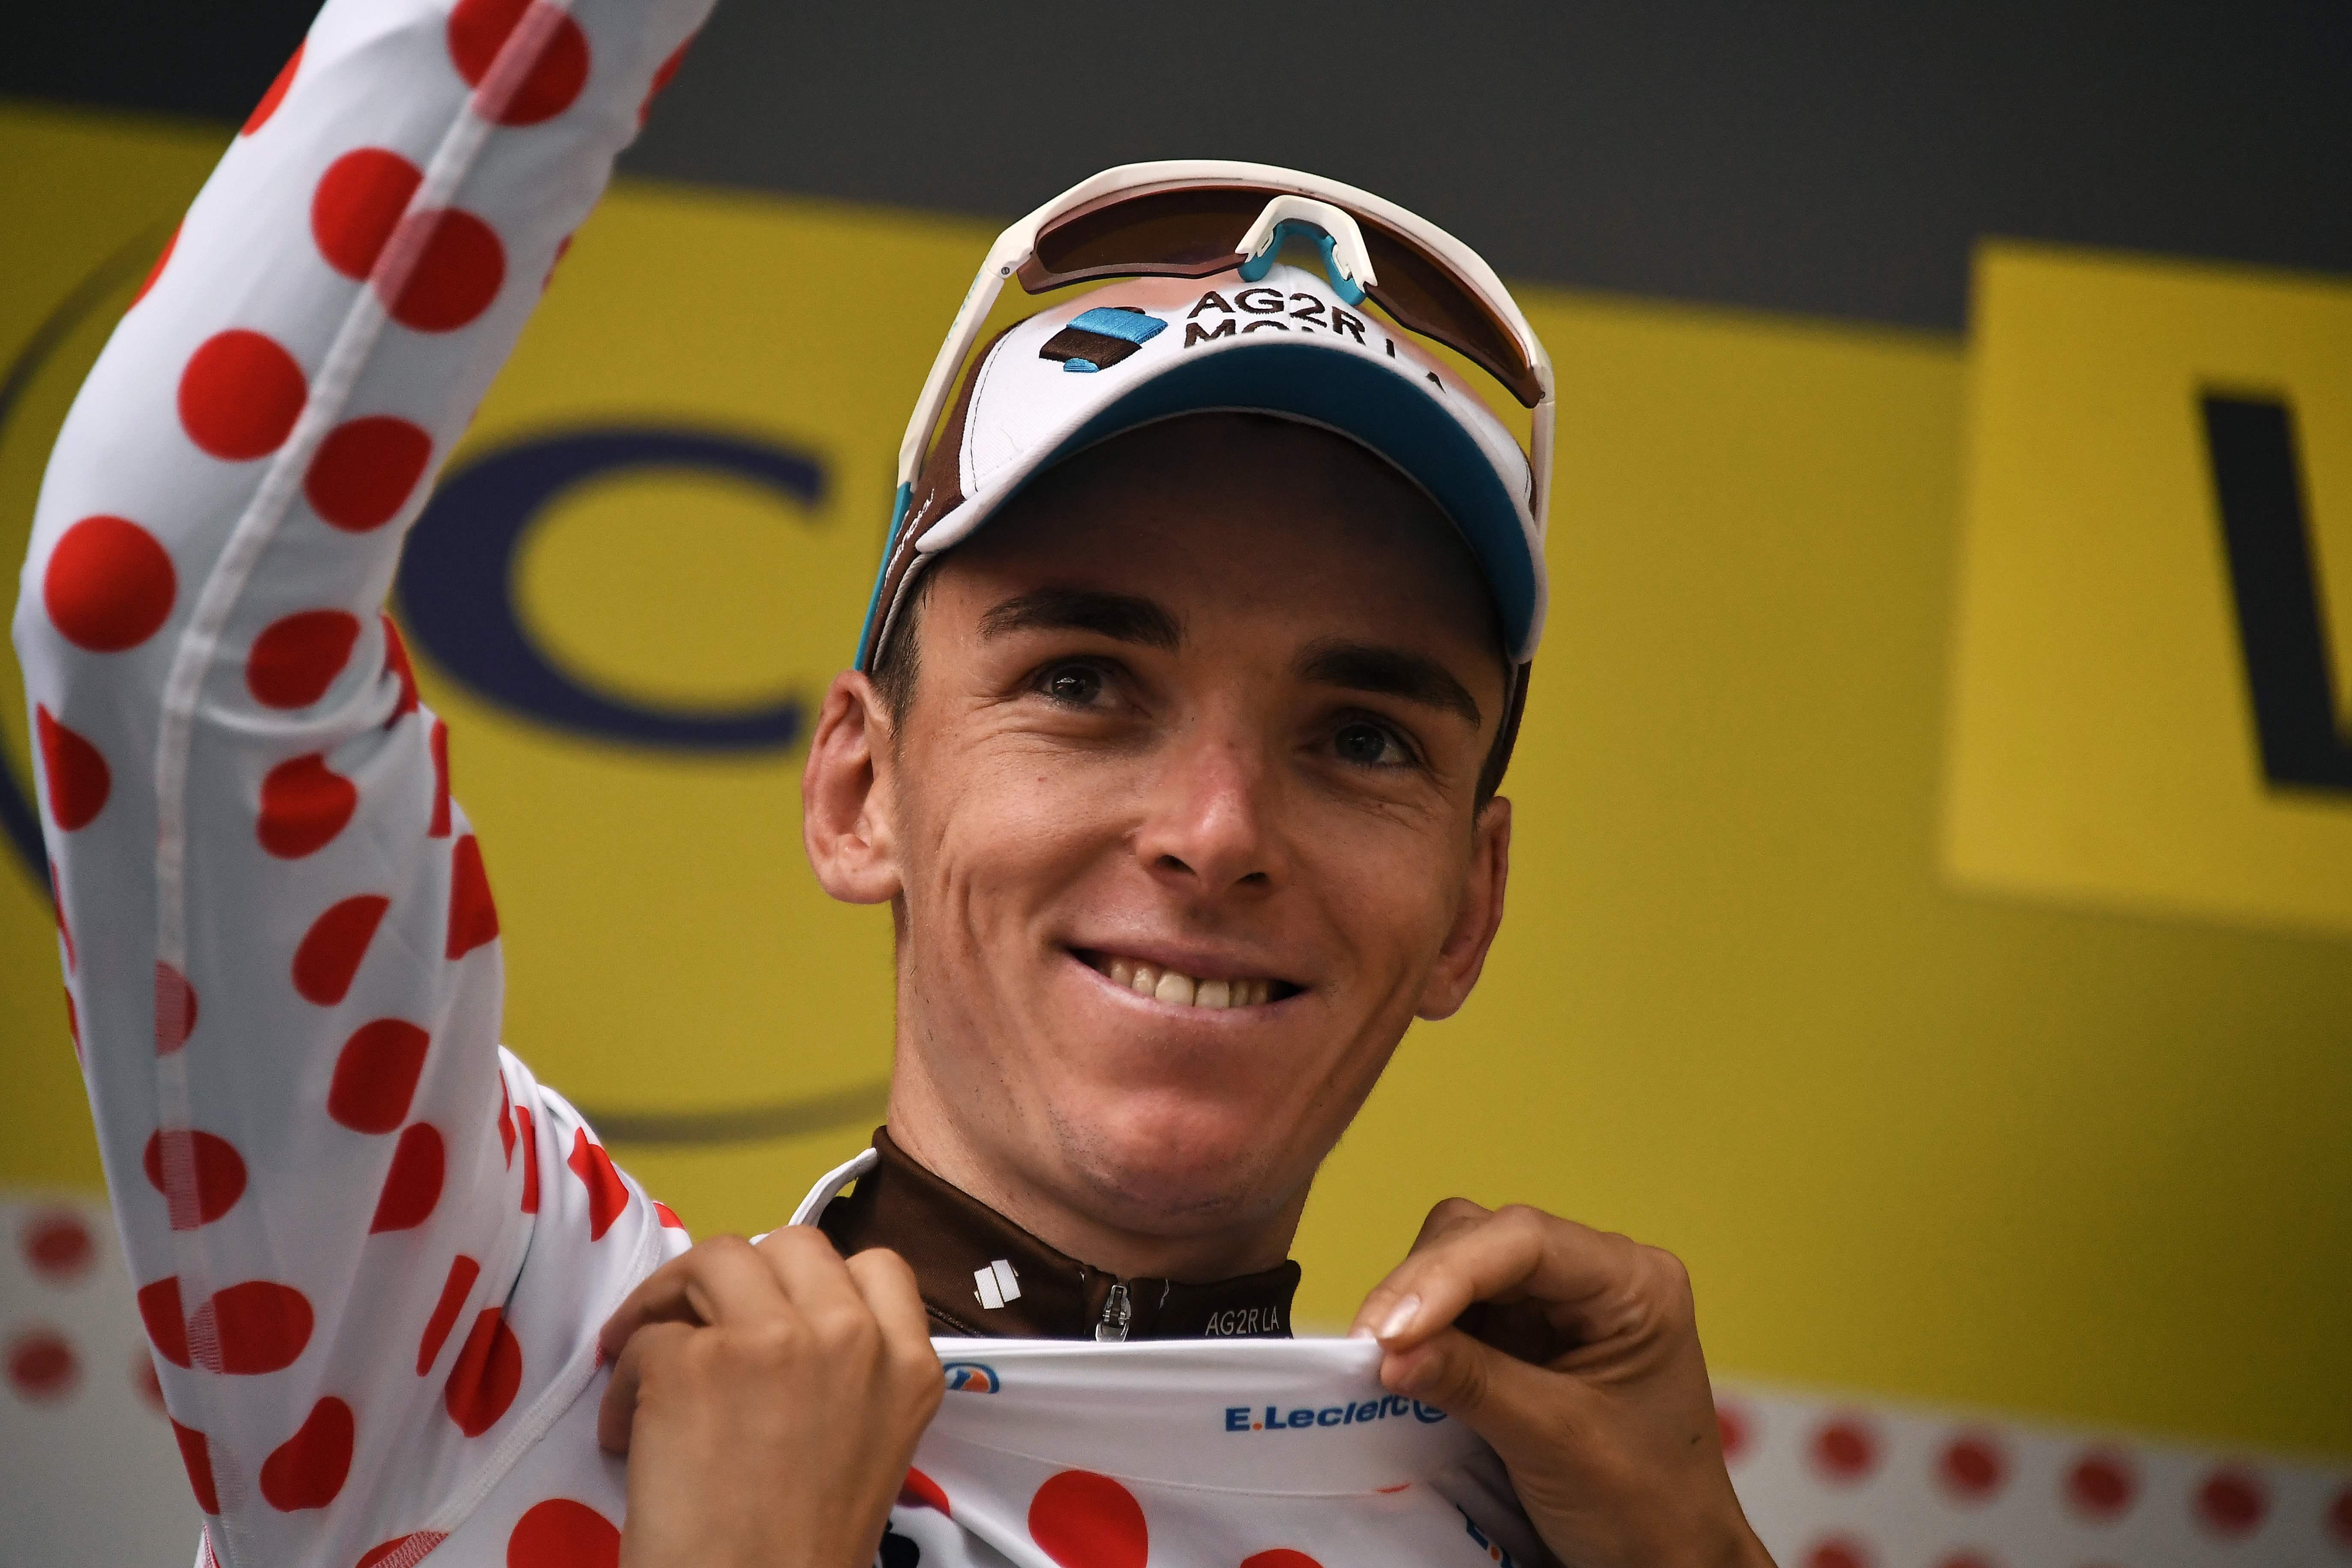 Cyclisme - Tour de France - Tour de France 2019 : Romain Bardet, orgueil de champion